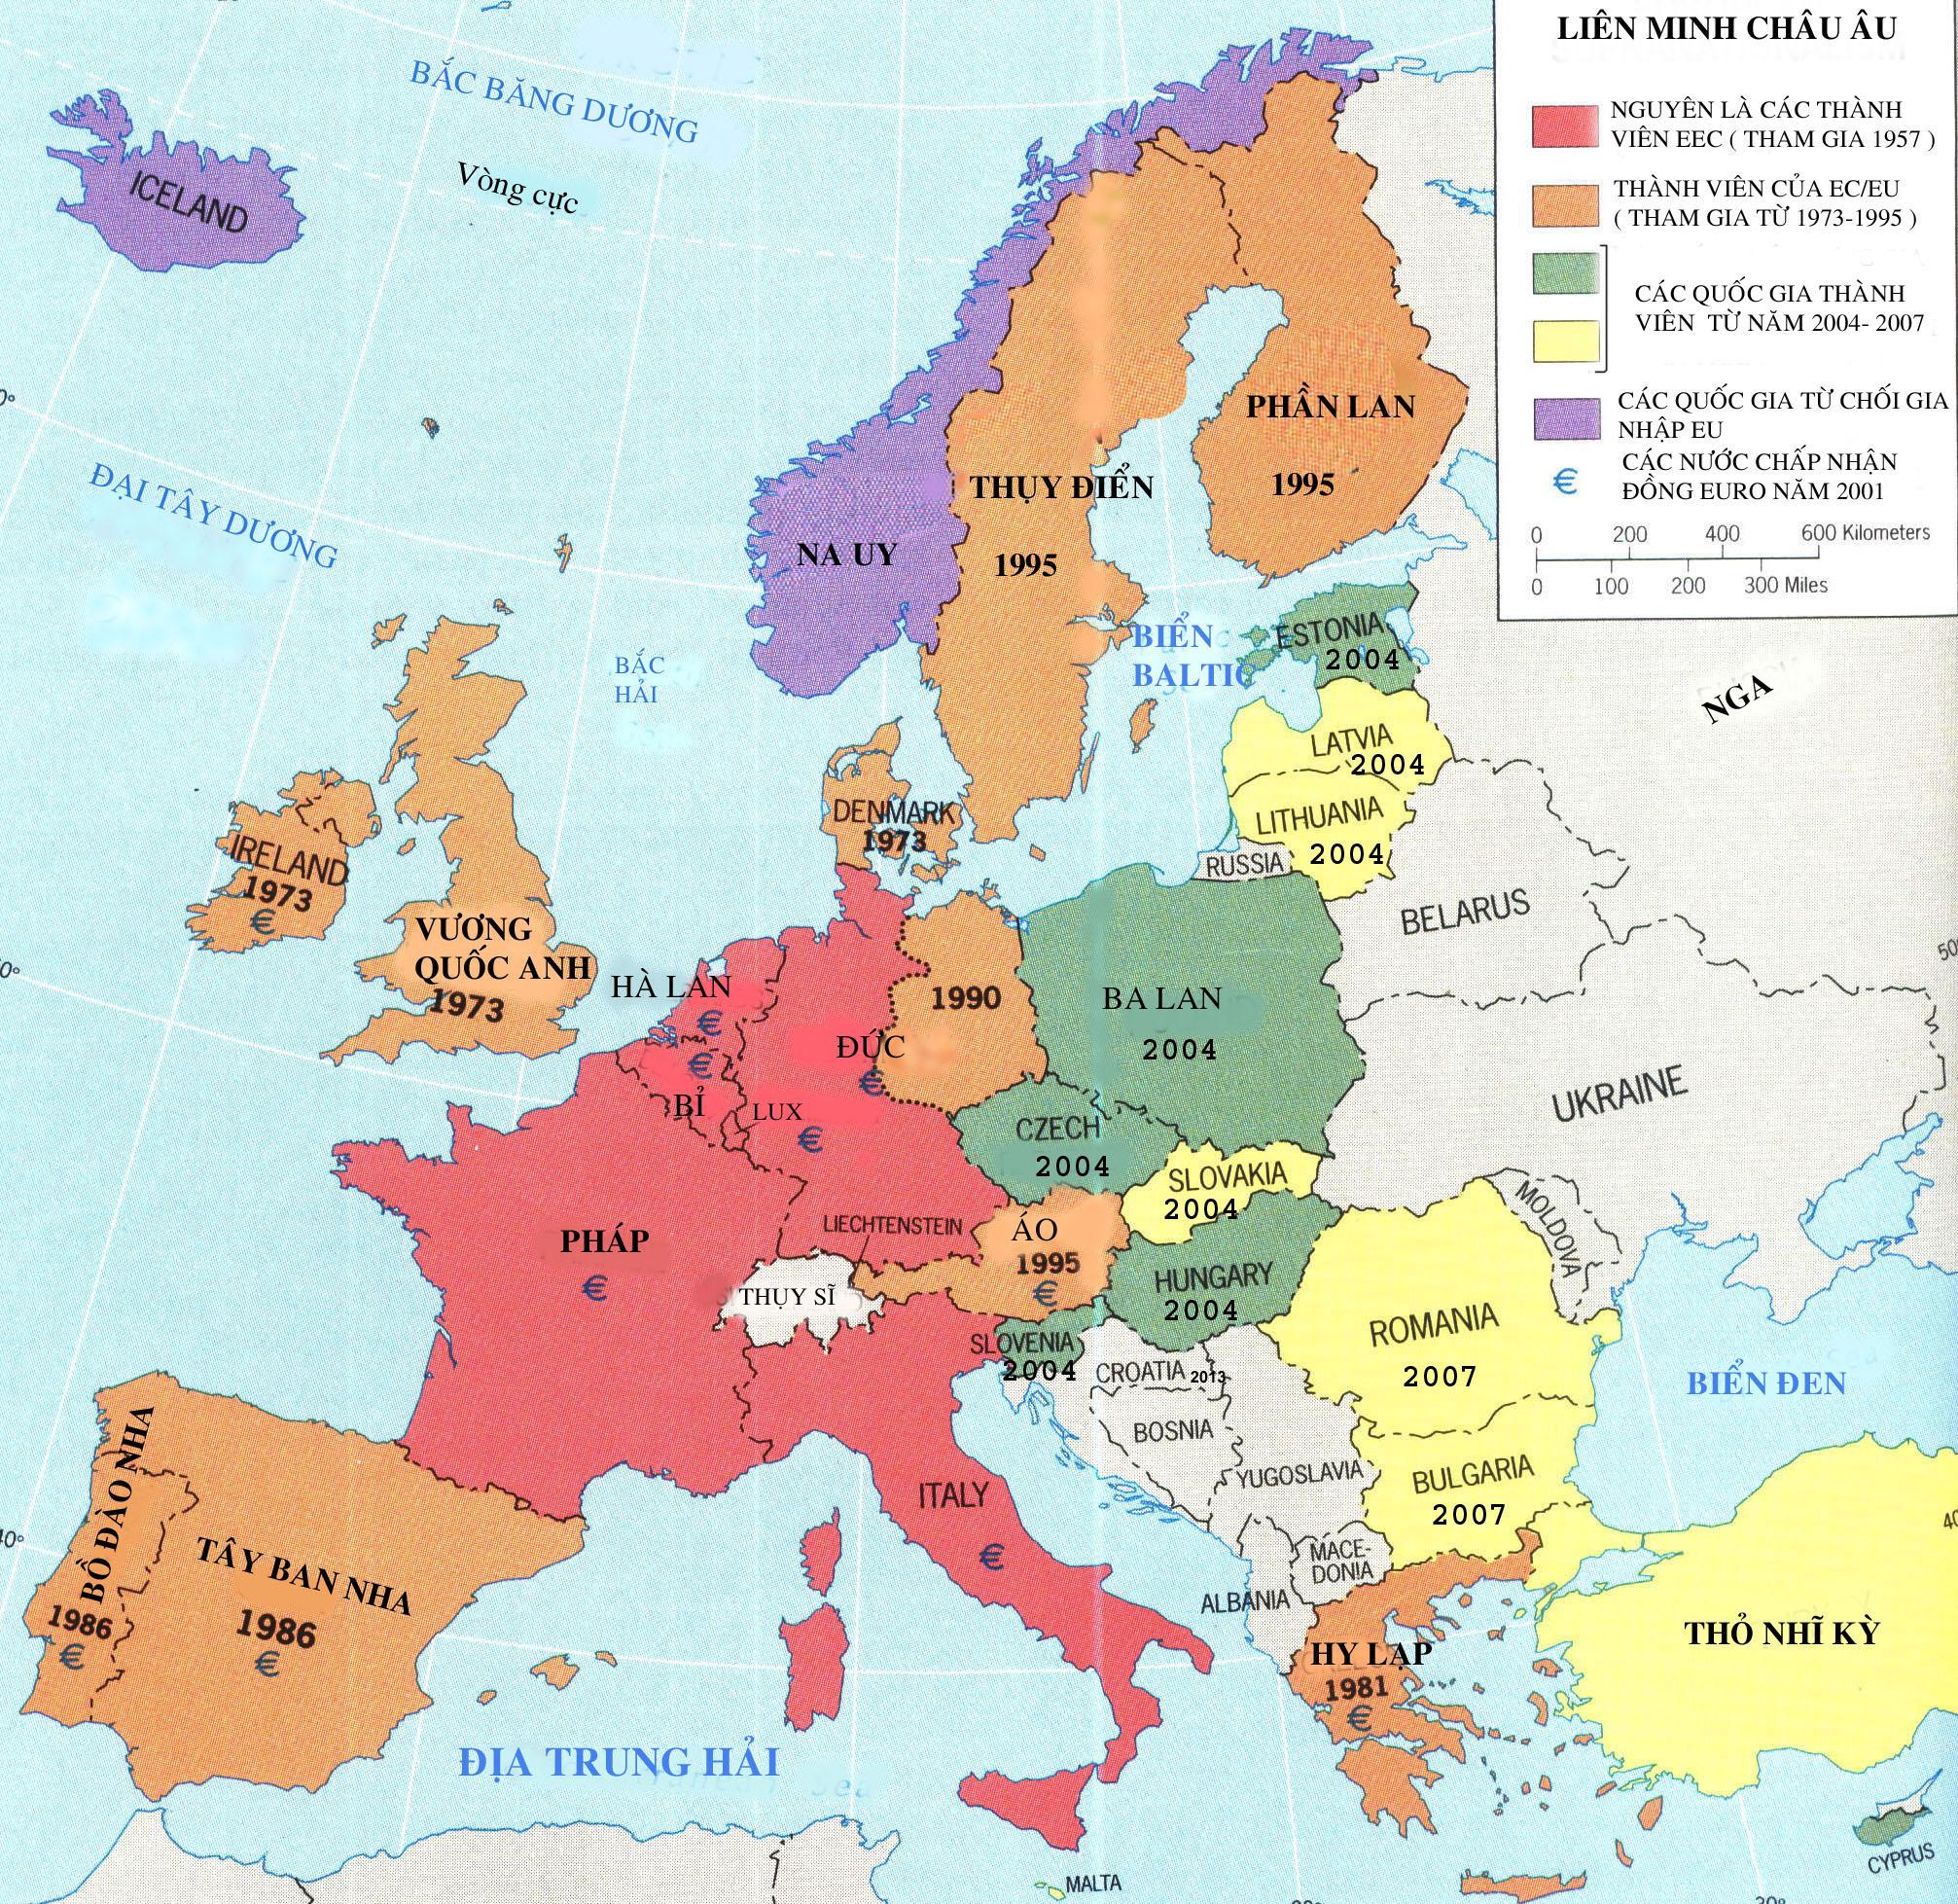 Bản đồ các nước ở Châu Âu bằng tiếng việt